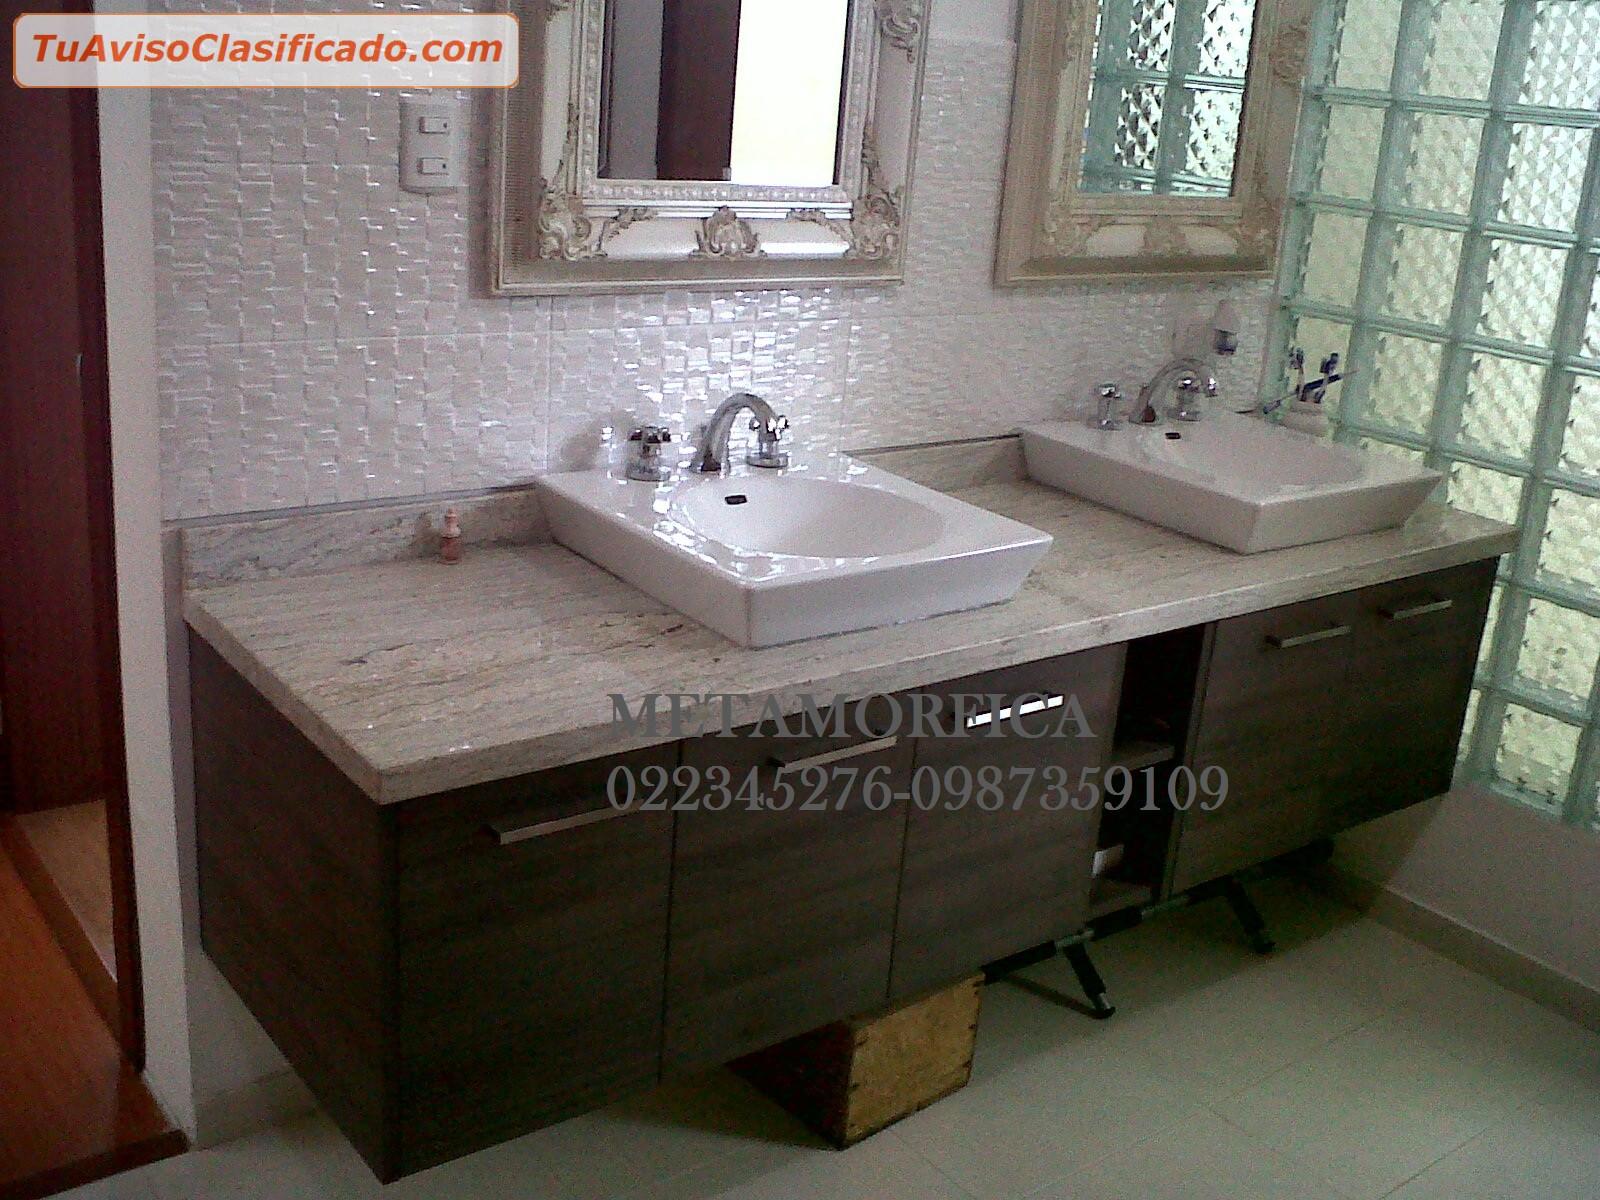 Pisos porcelanatos granito marmol tabloncillo duela for Pisos en marmol y granito